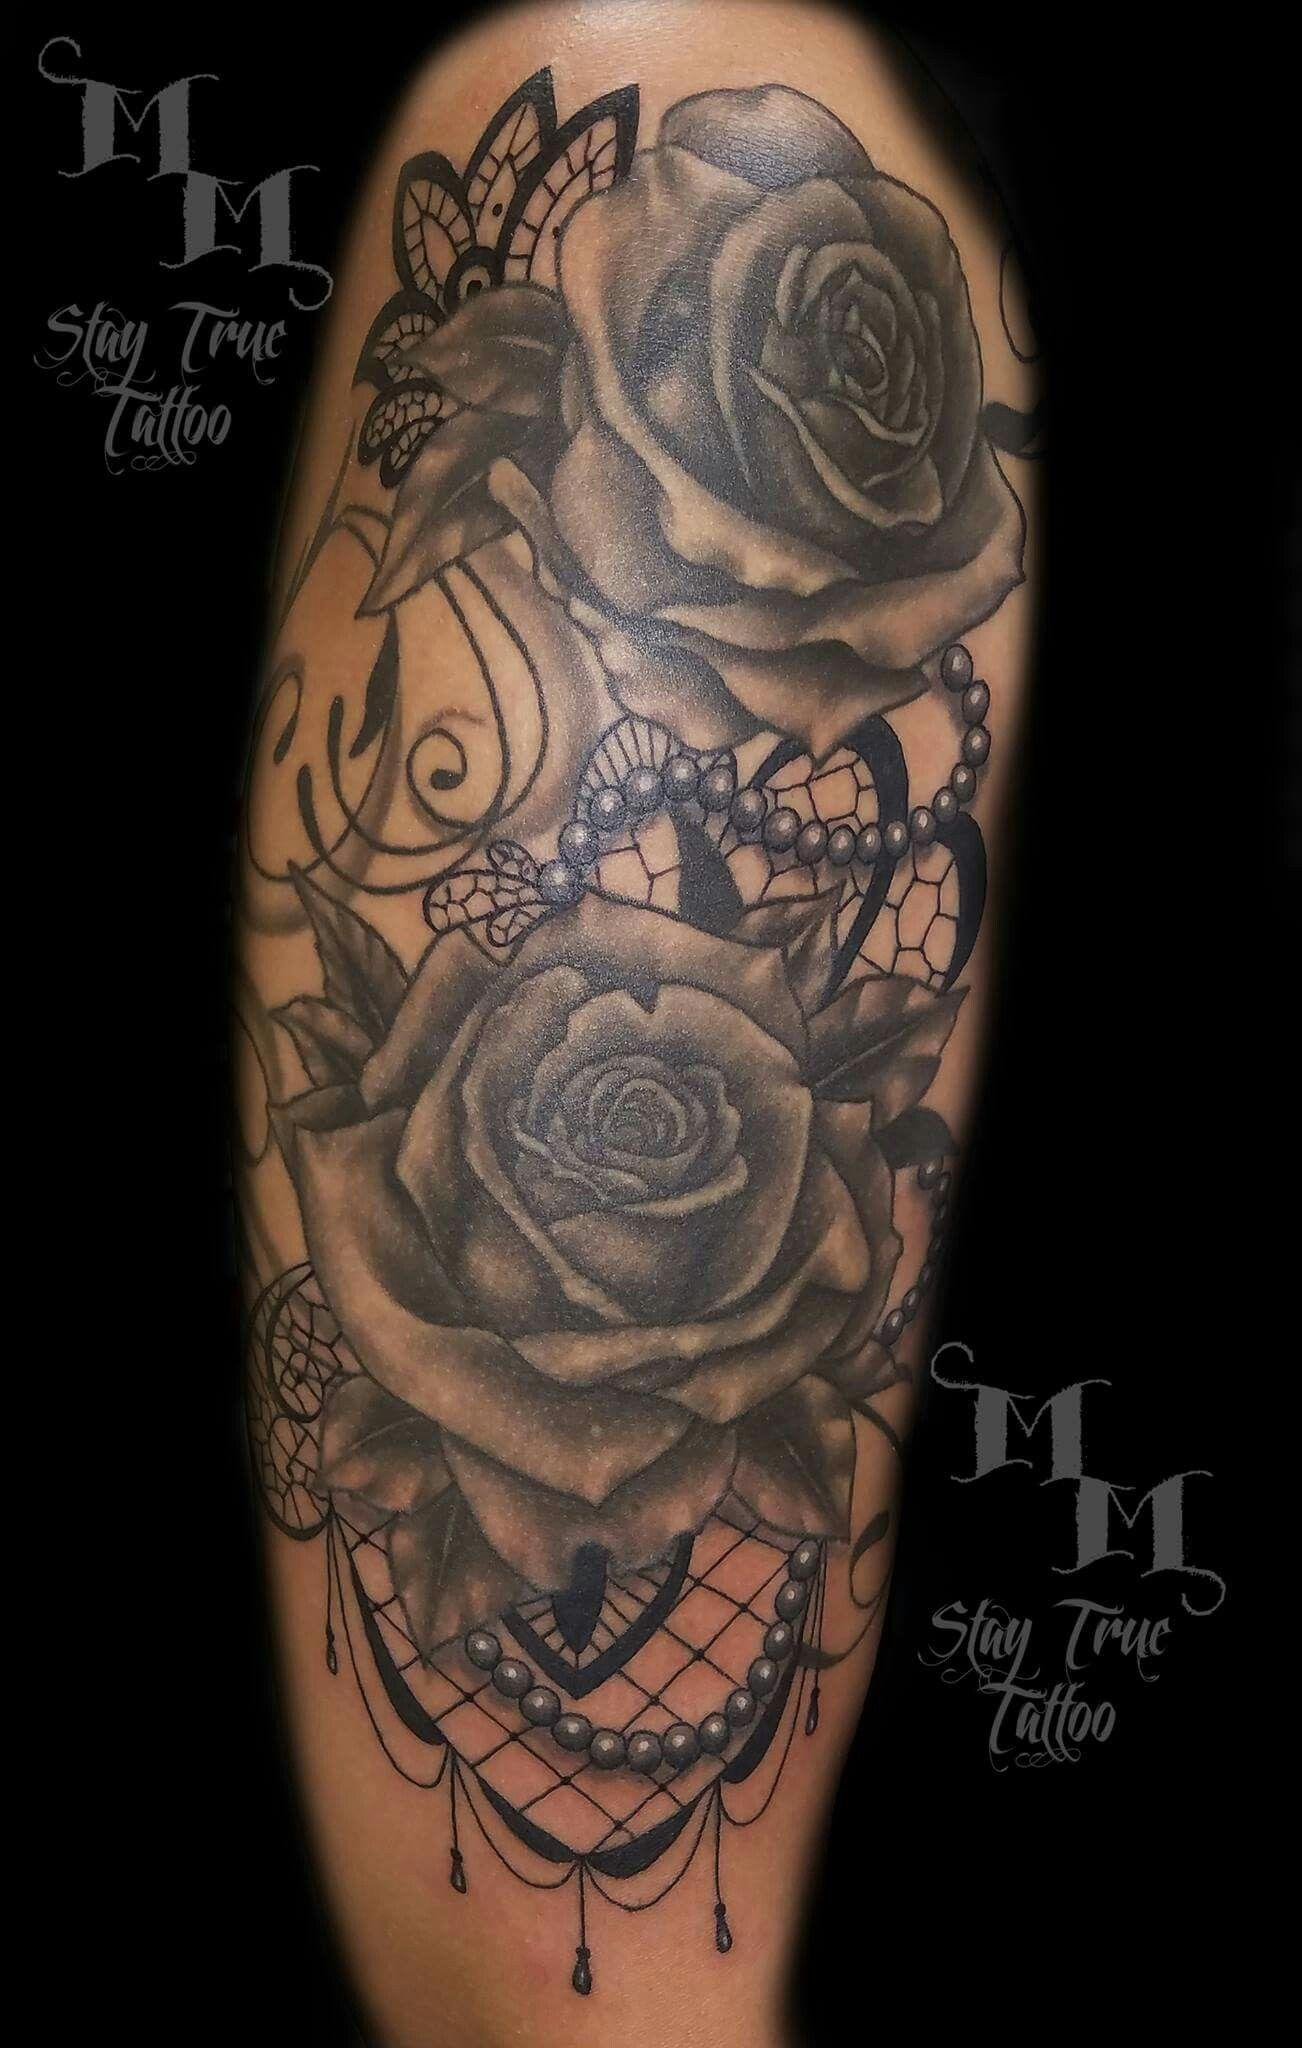 Roses,w/ pearls & lace tattoo | Tattoo ideas | Tattoos ...